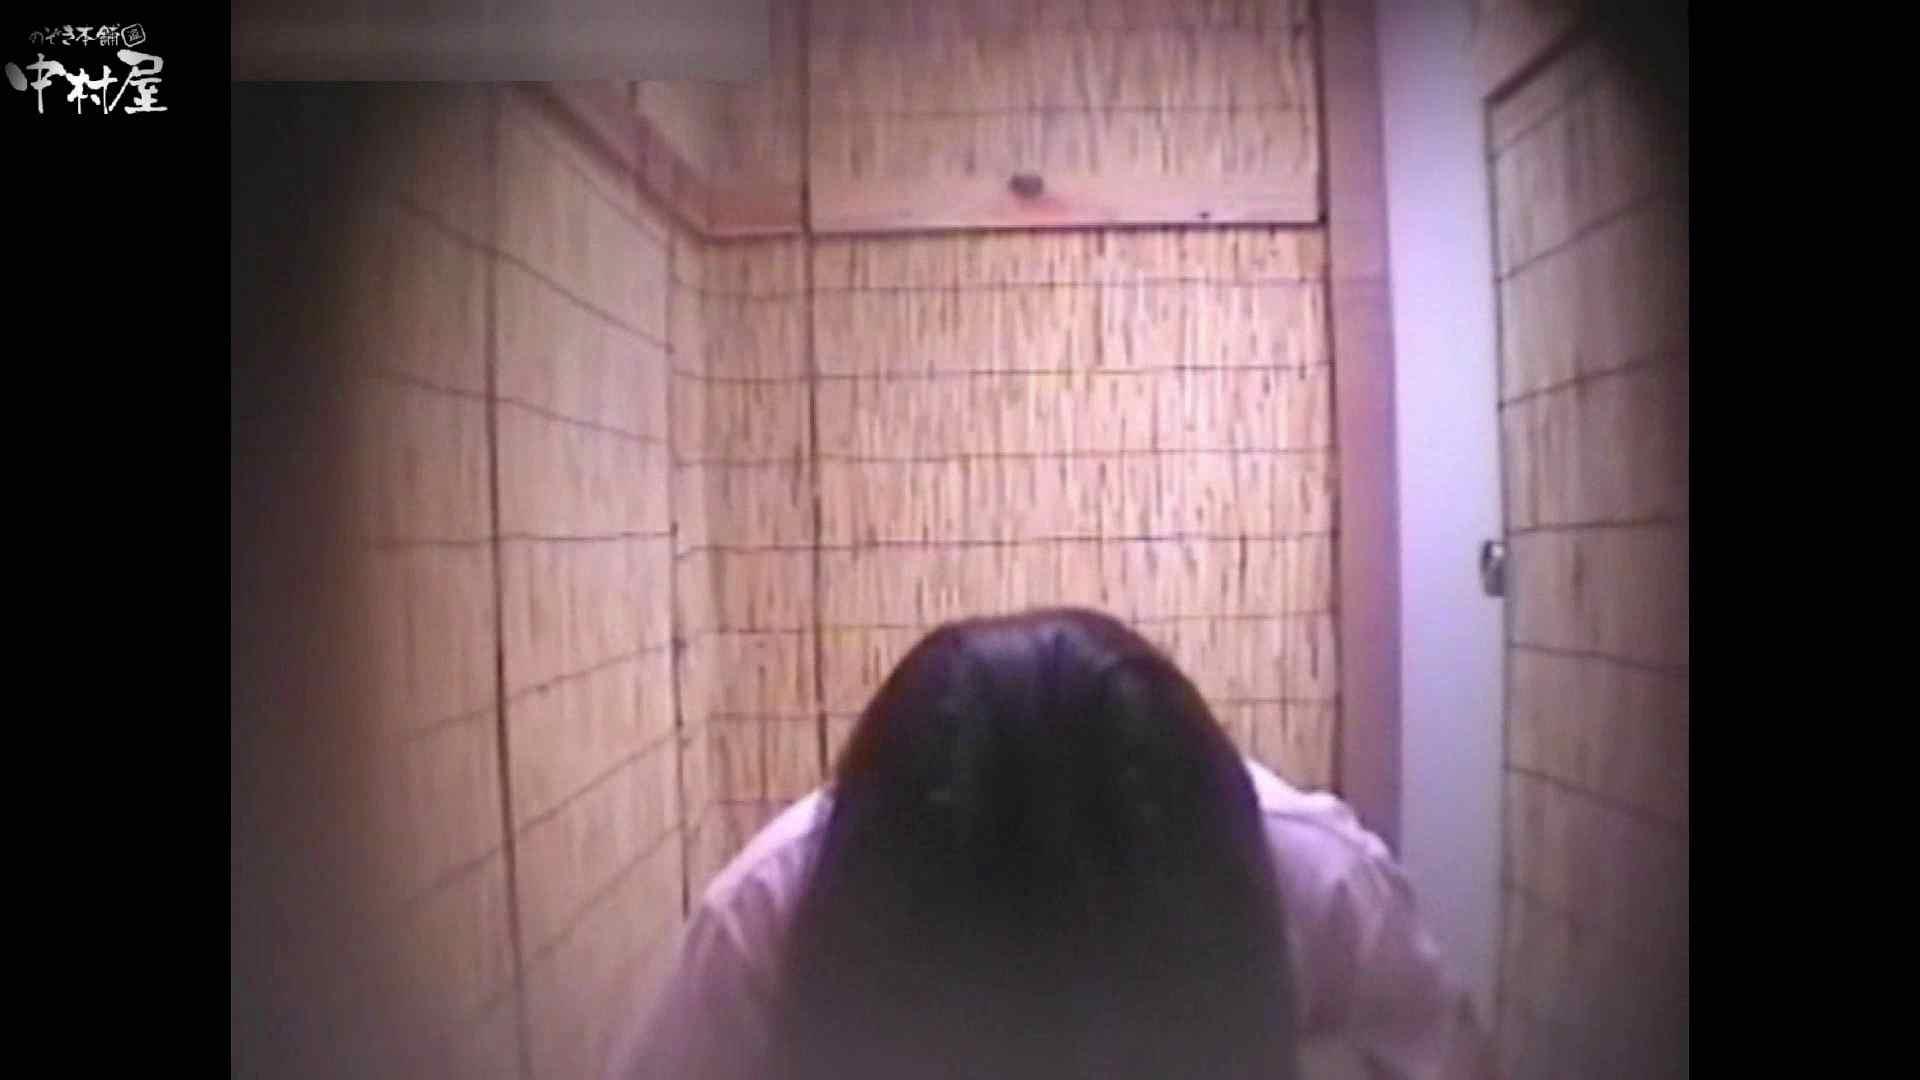 解禁!海の家4カメ洗面所vol.51 人気シリーズ  11枚 3